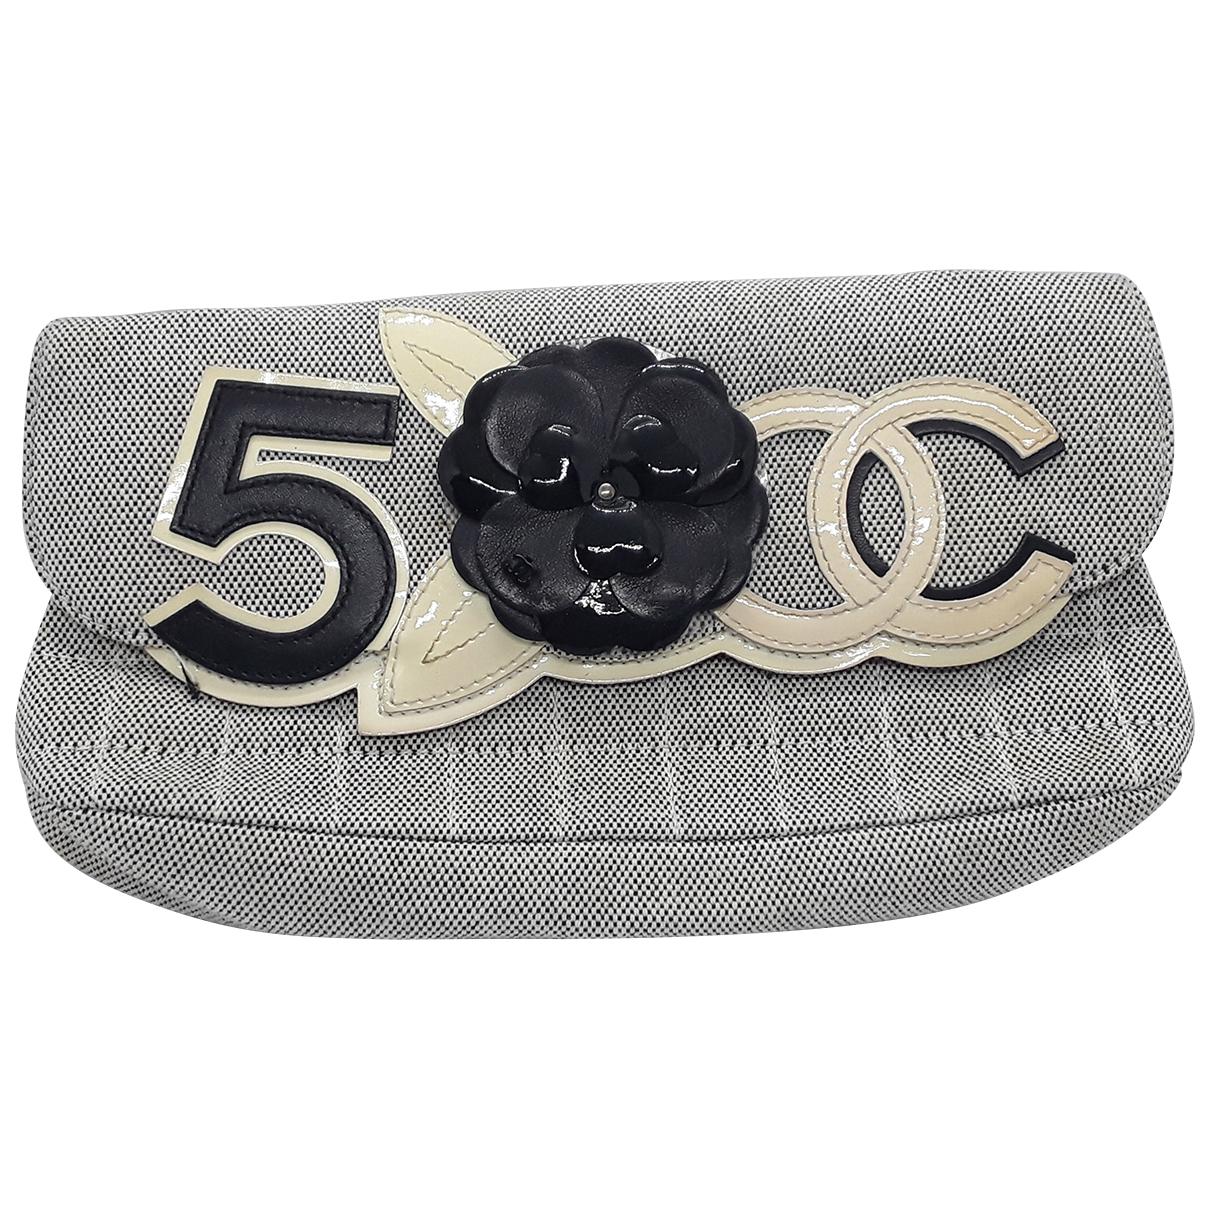 Chanel \N Grey Cloth handbag for Women \N